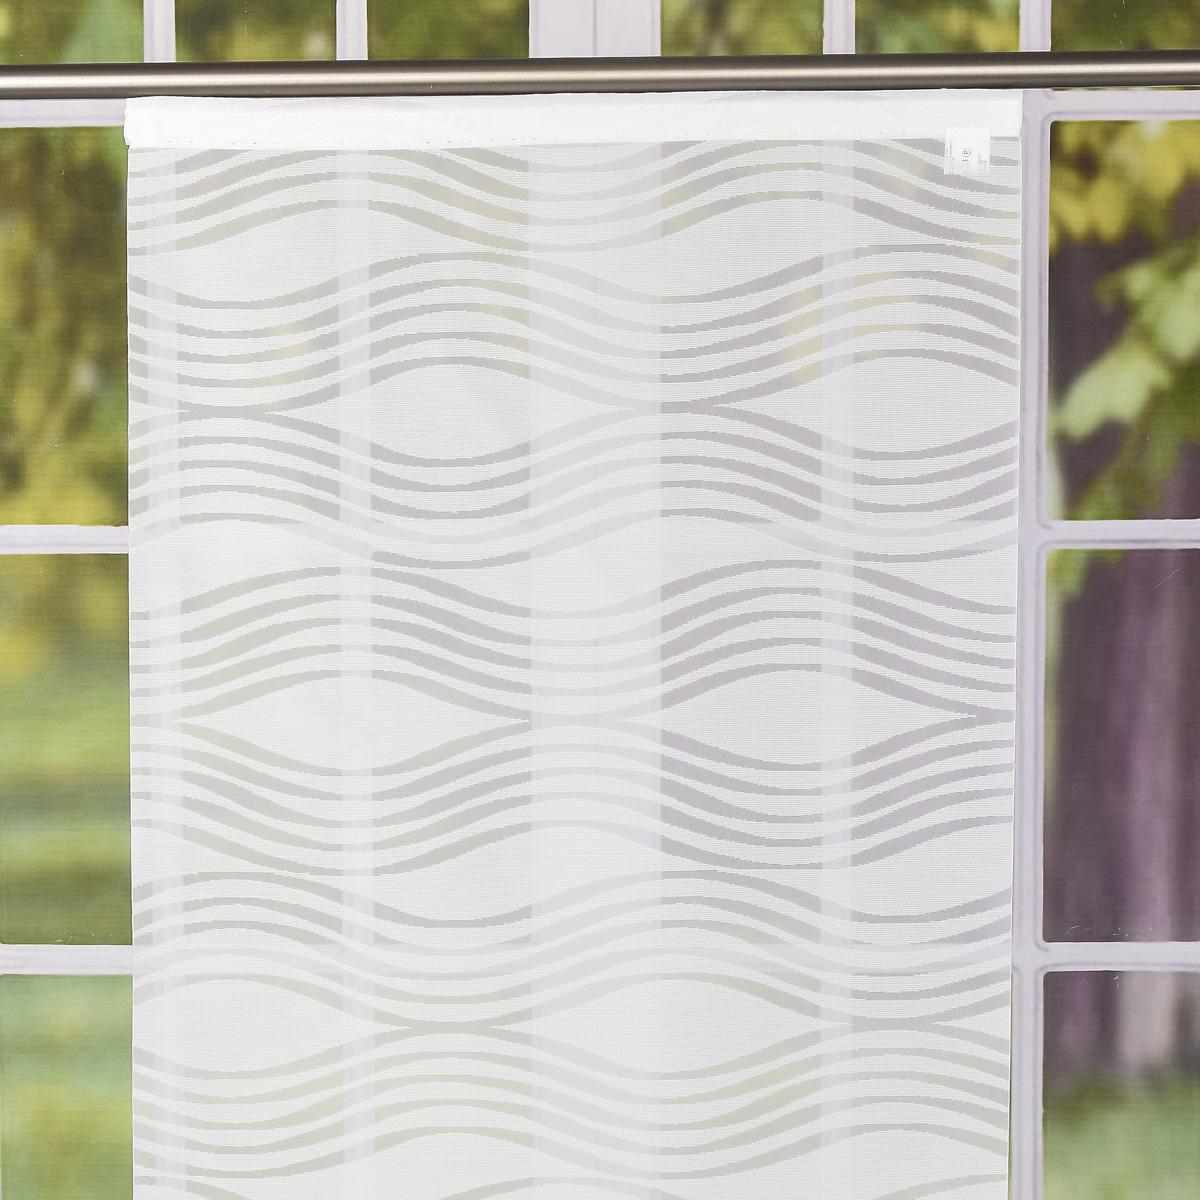 Schiebevorhang Flächenvorhang Donna Wellen Weiß 245x60cm Schöner Leben Dein Lieblingsladen Im Netz